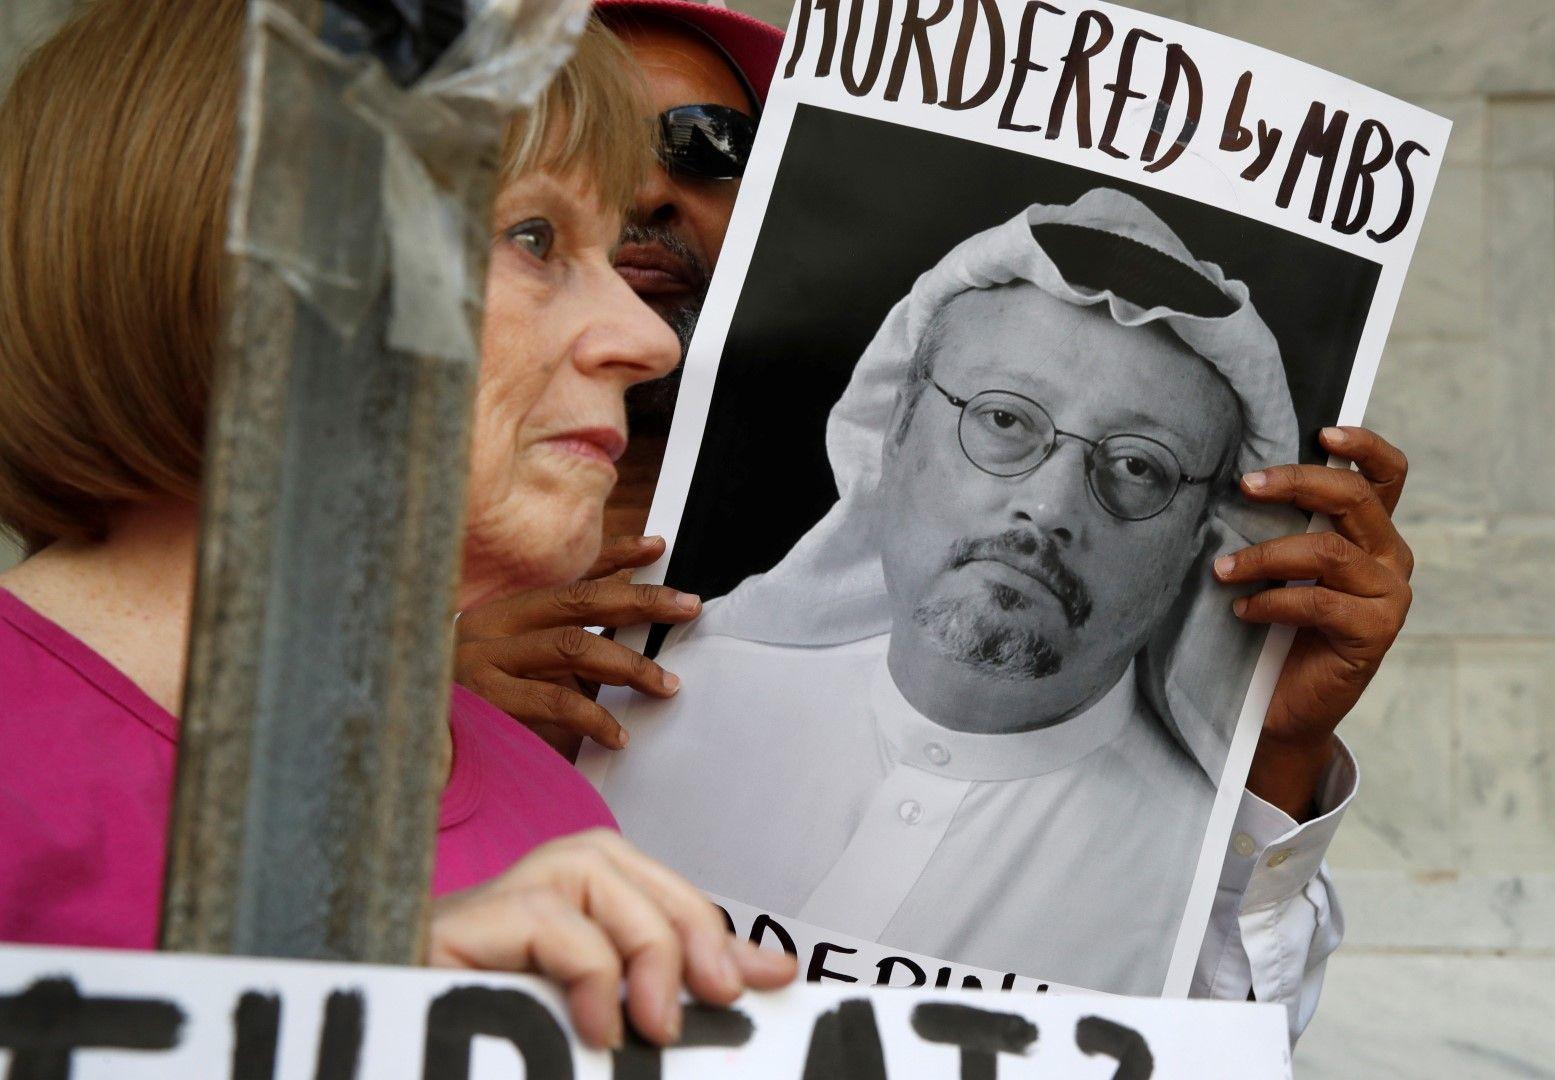 Убит от Мохамед бин Салман - това пише на протестен плакат, издигнат от демонстранти във Вашингтон